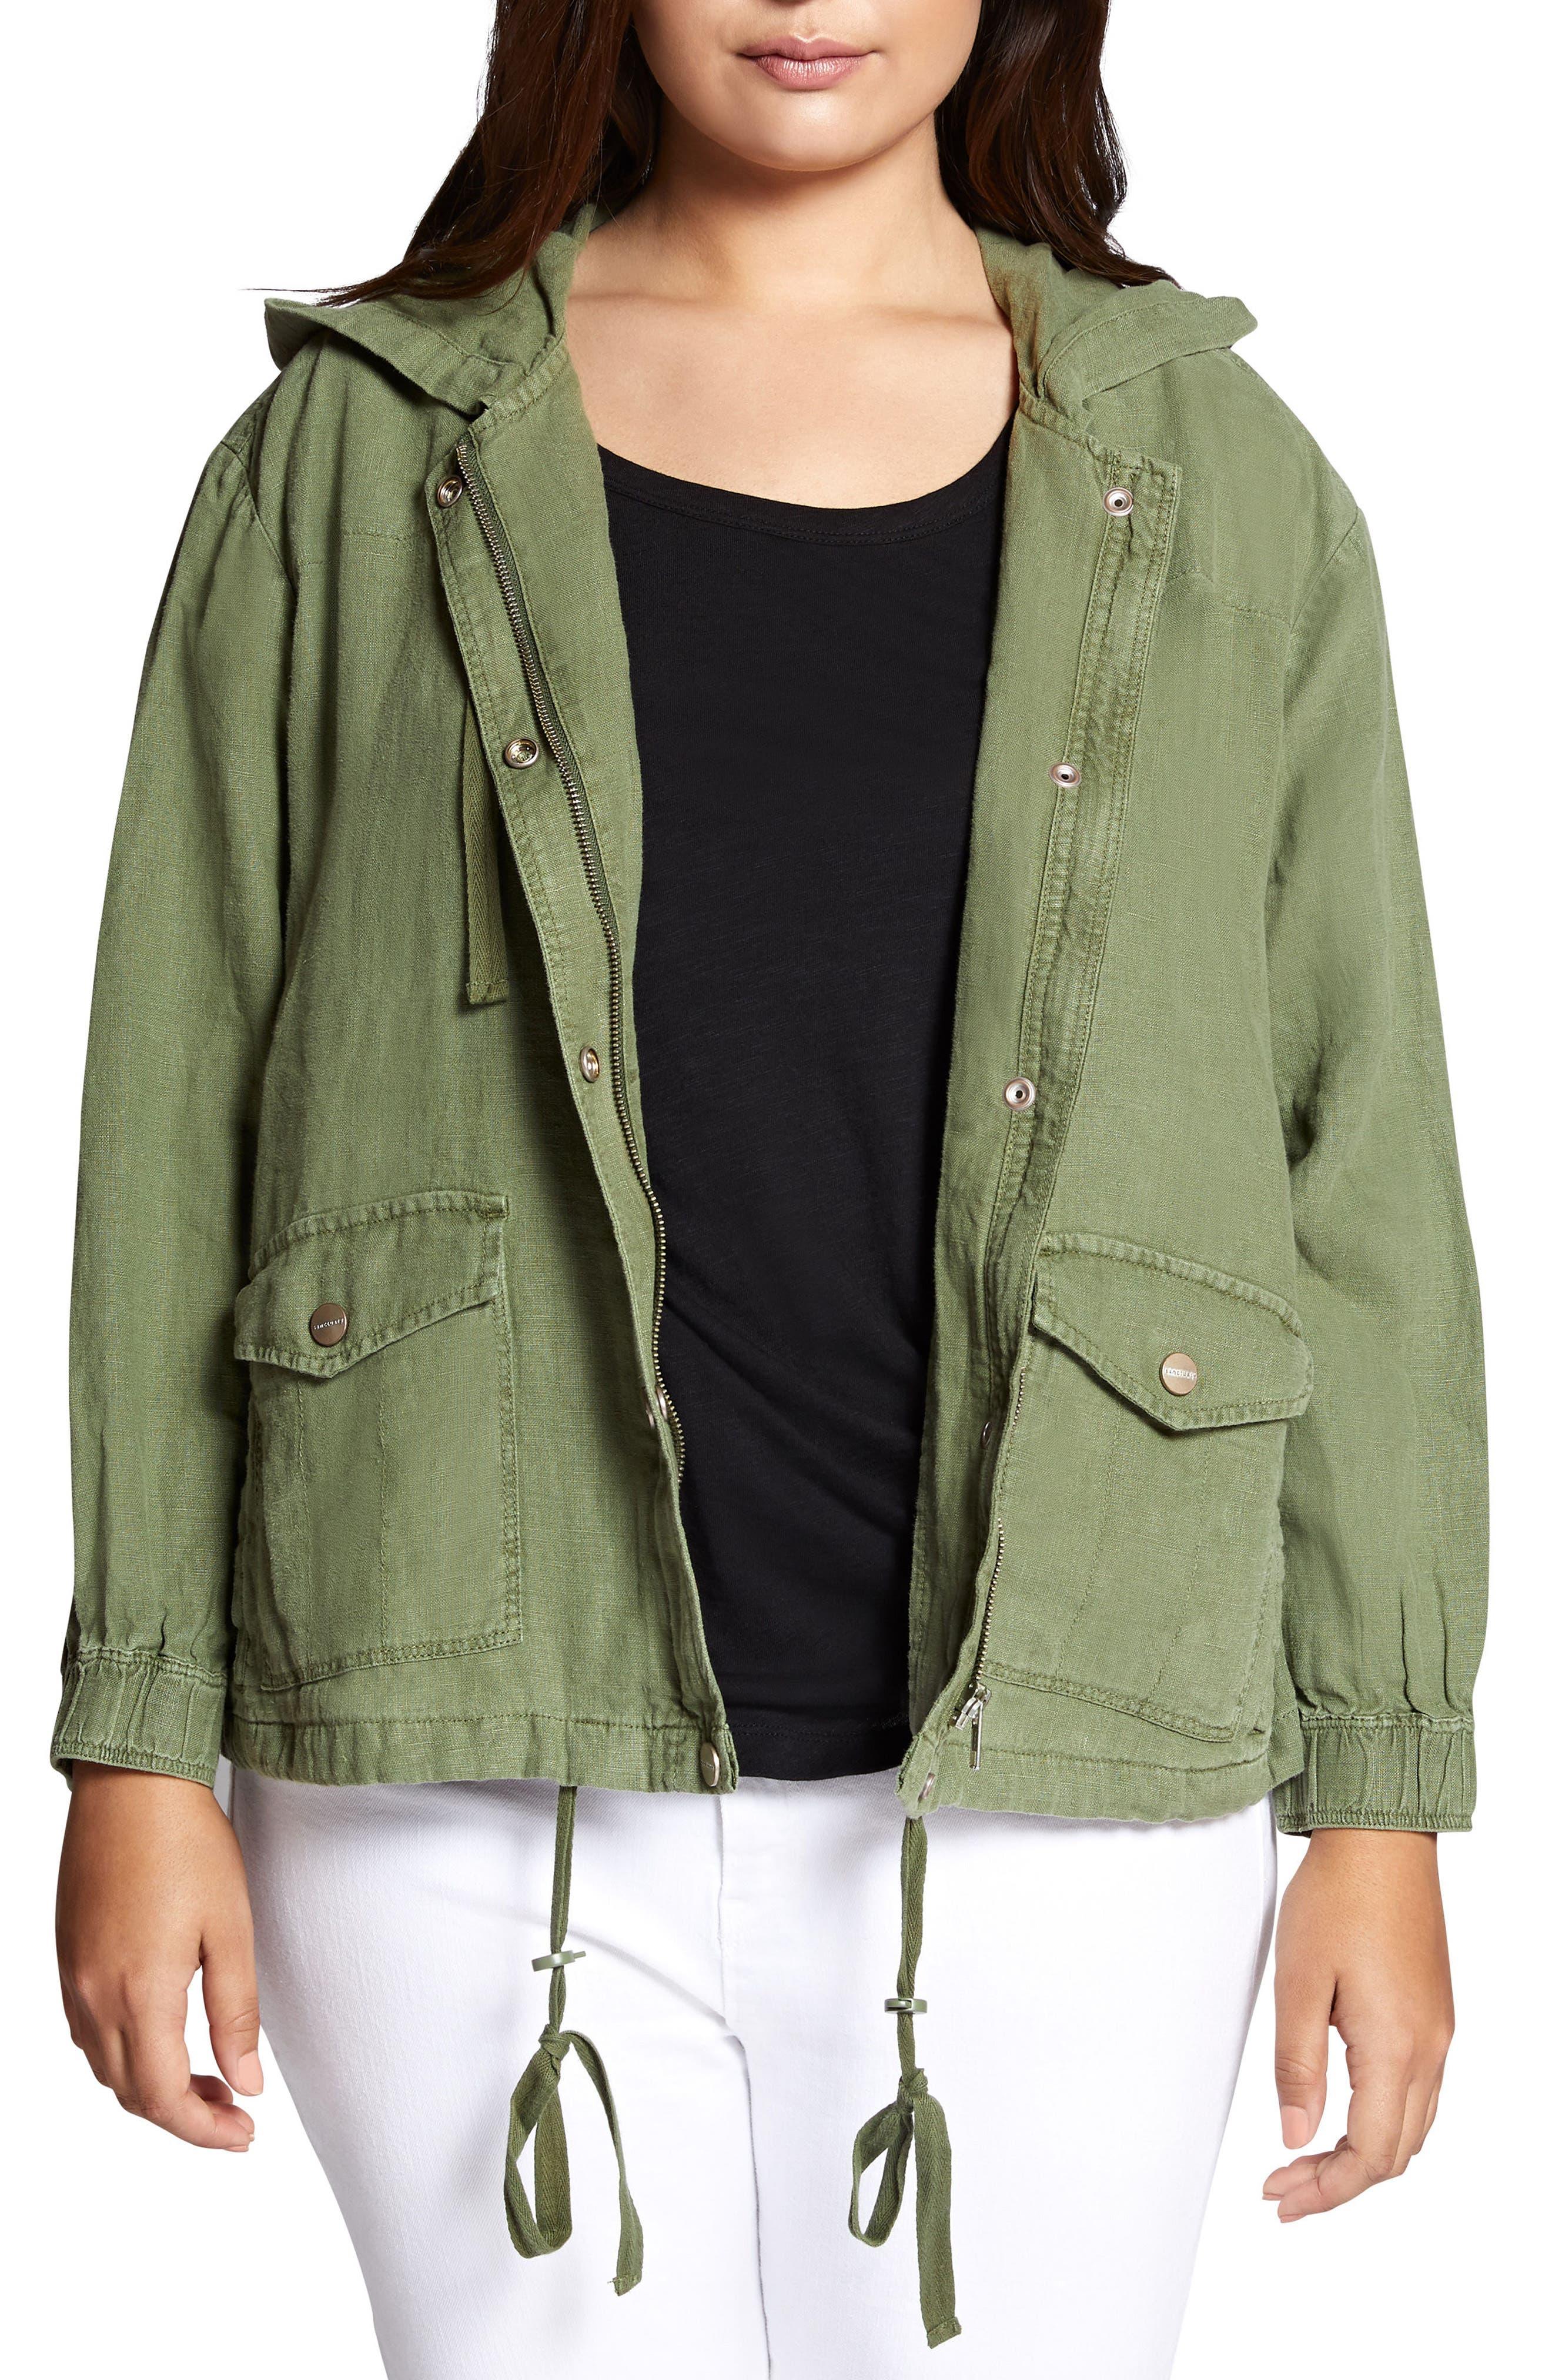 Nova Hooded Jacket,                             Main thumbnail 1, color,                             Cadet